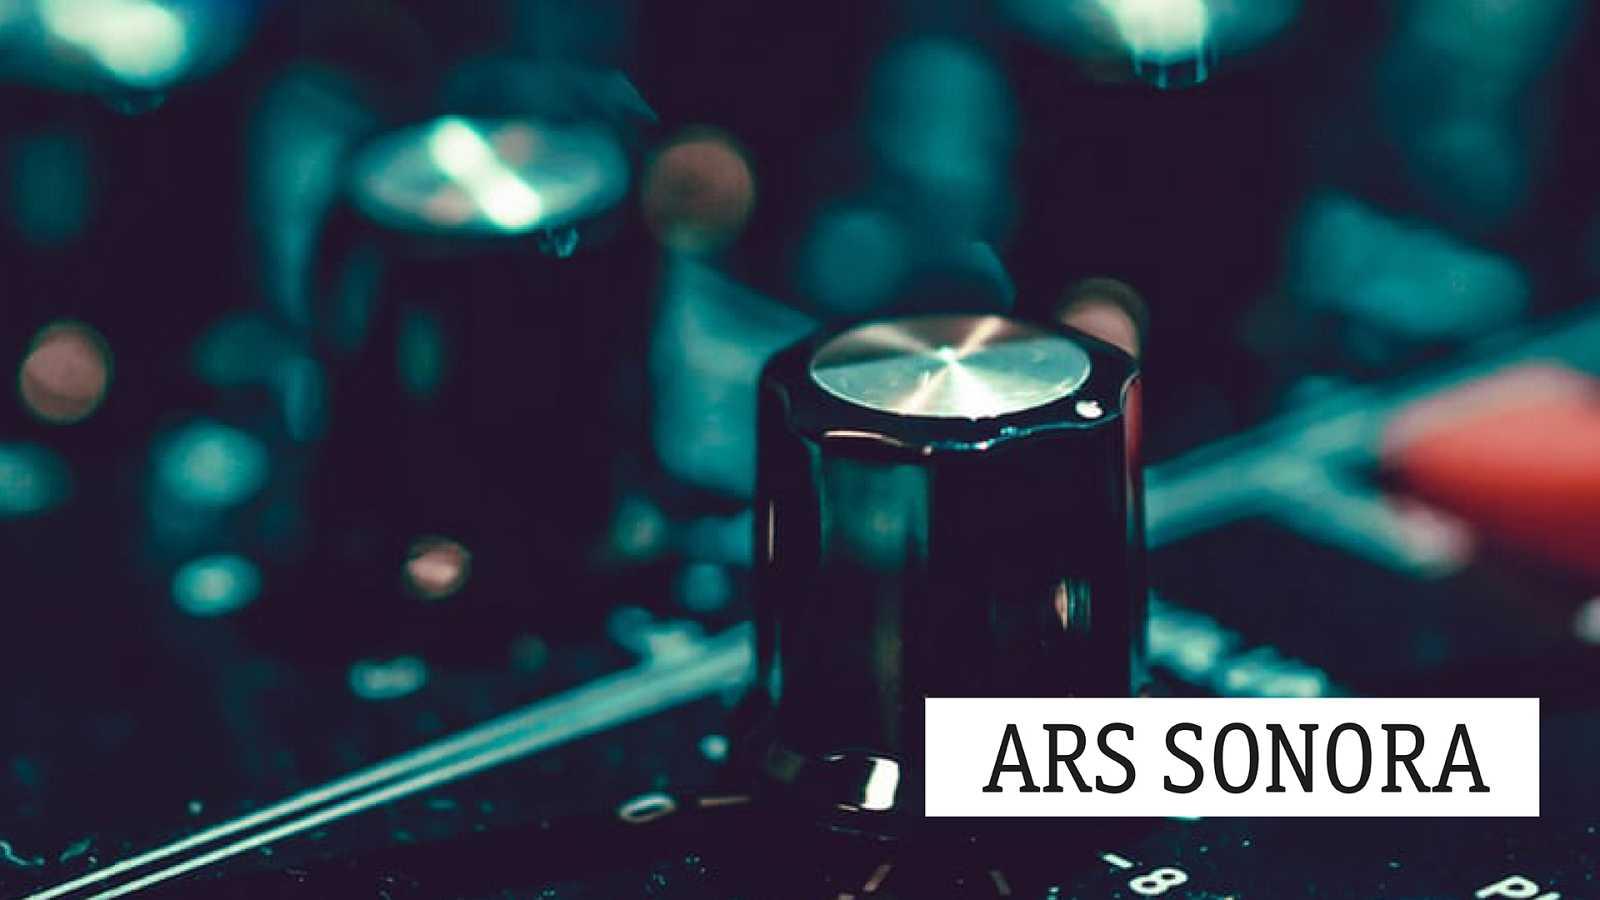 Ars sonora - A la escucha del virus, IX ('Viaje alrededor de mi cuarto') - 20/06/20 - escuchar ahora